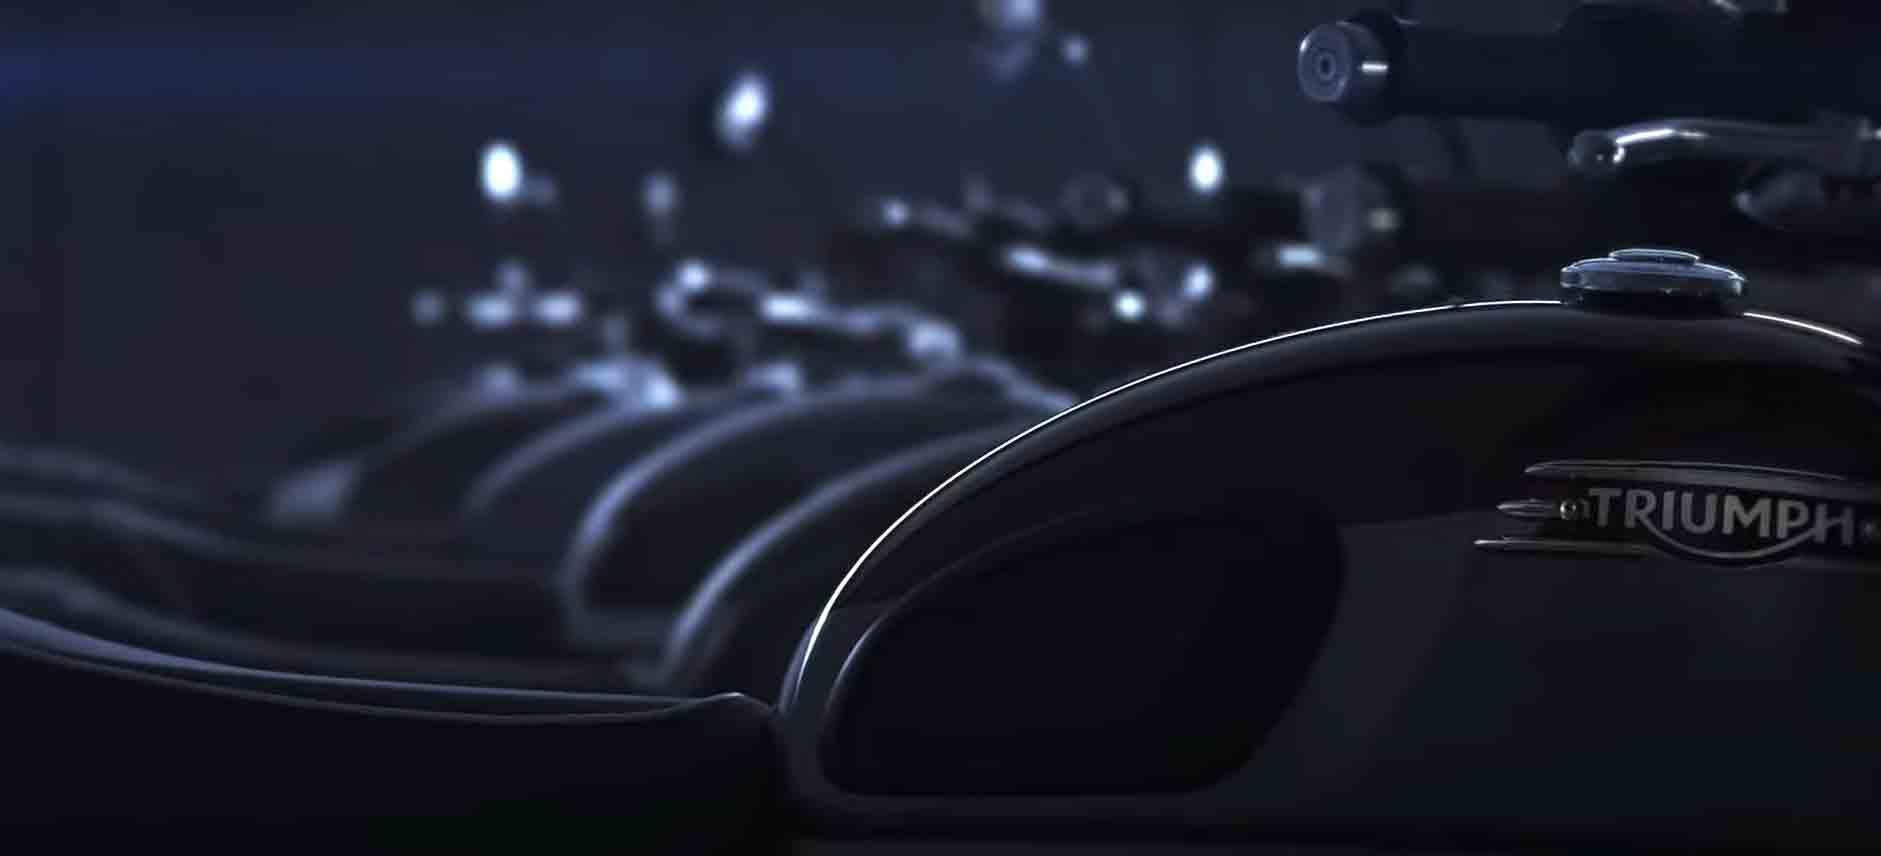 Triumph renovará toda a linha Boneville para 2021. Foto: Reprodução Youtube